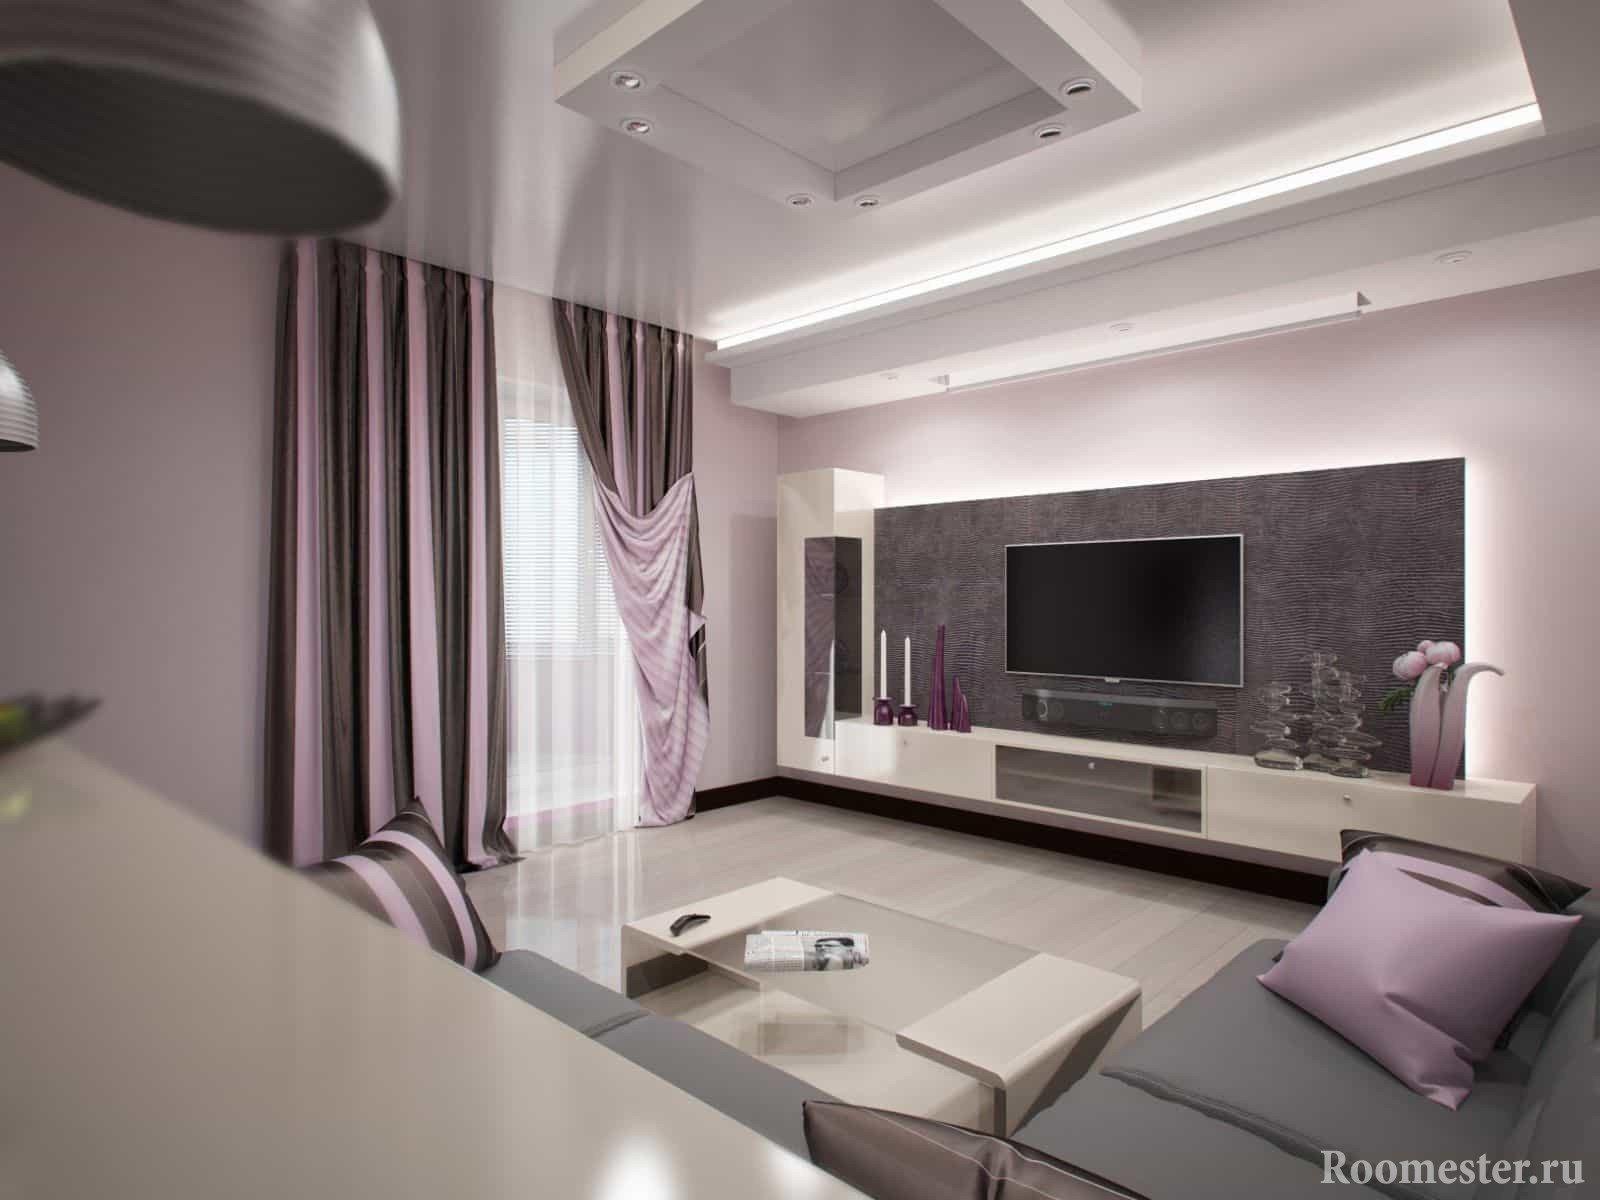 Гостиная квадратной формы с угловым диваном